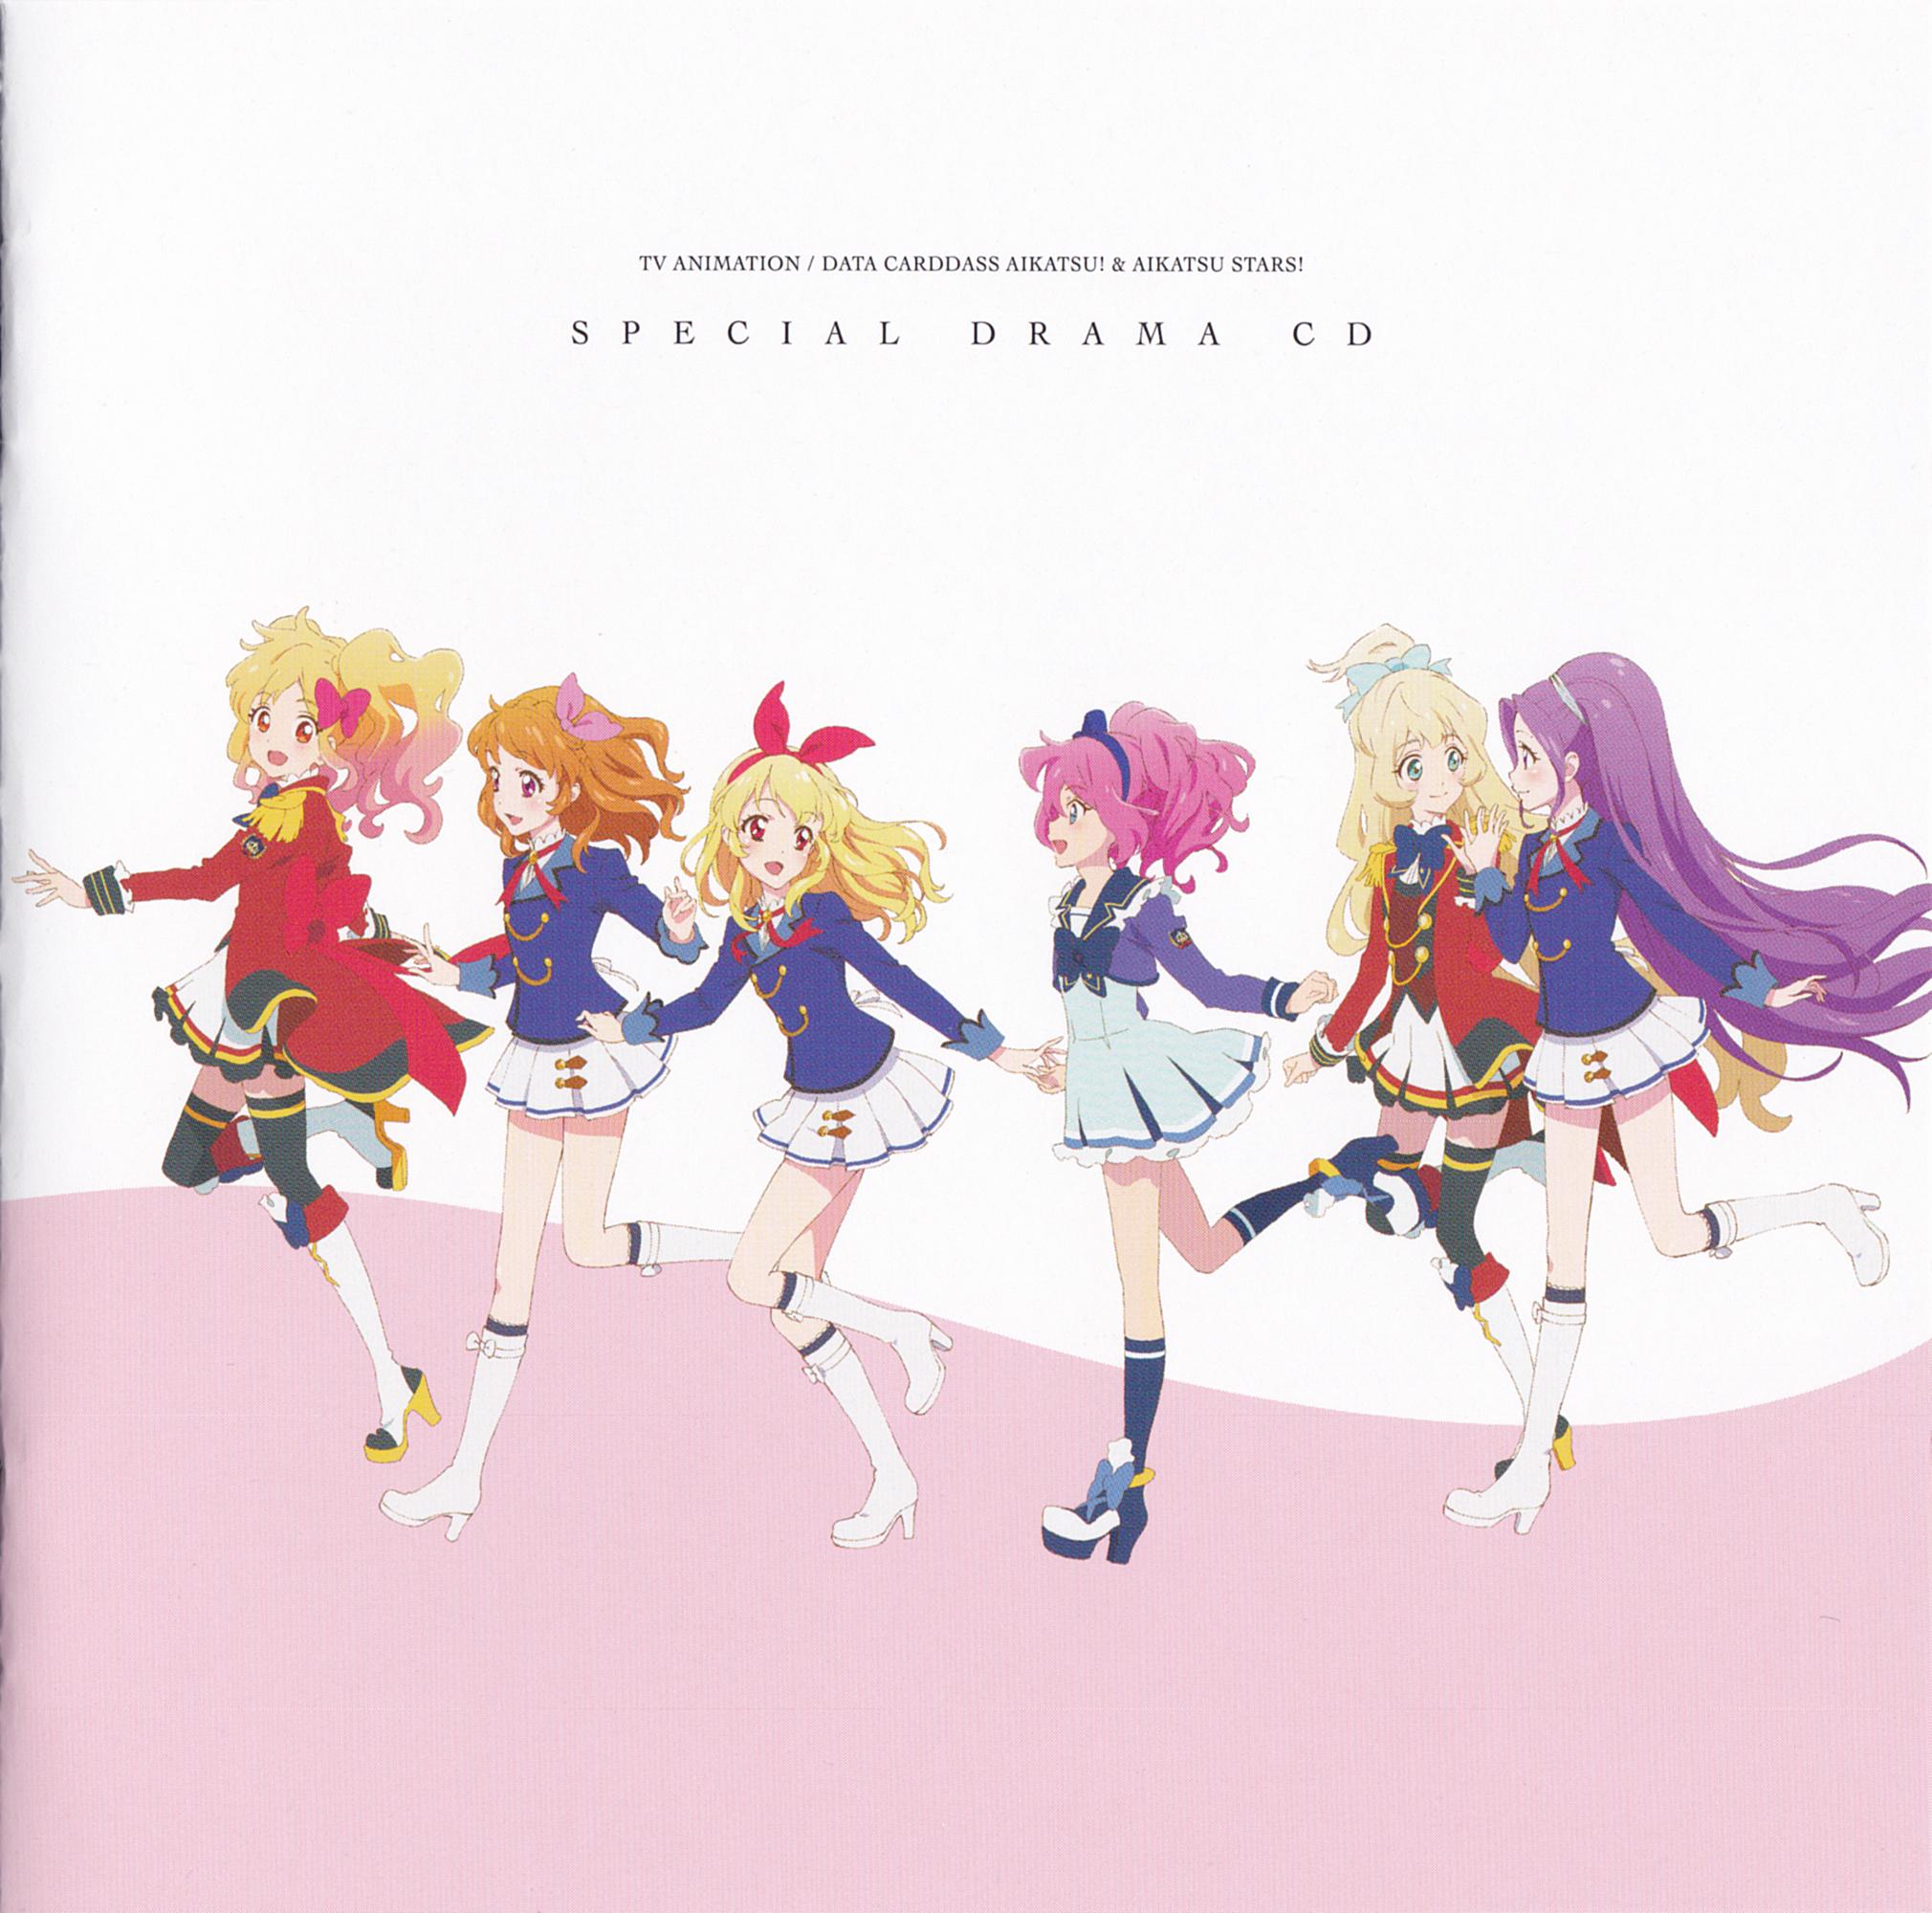 """TV Anime/Data Carddass """"Aikatsu!"""" & """"Aikatsu Stars!"""" Special Drama CD"""